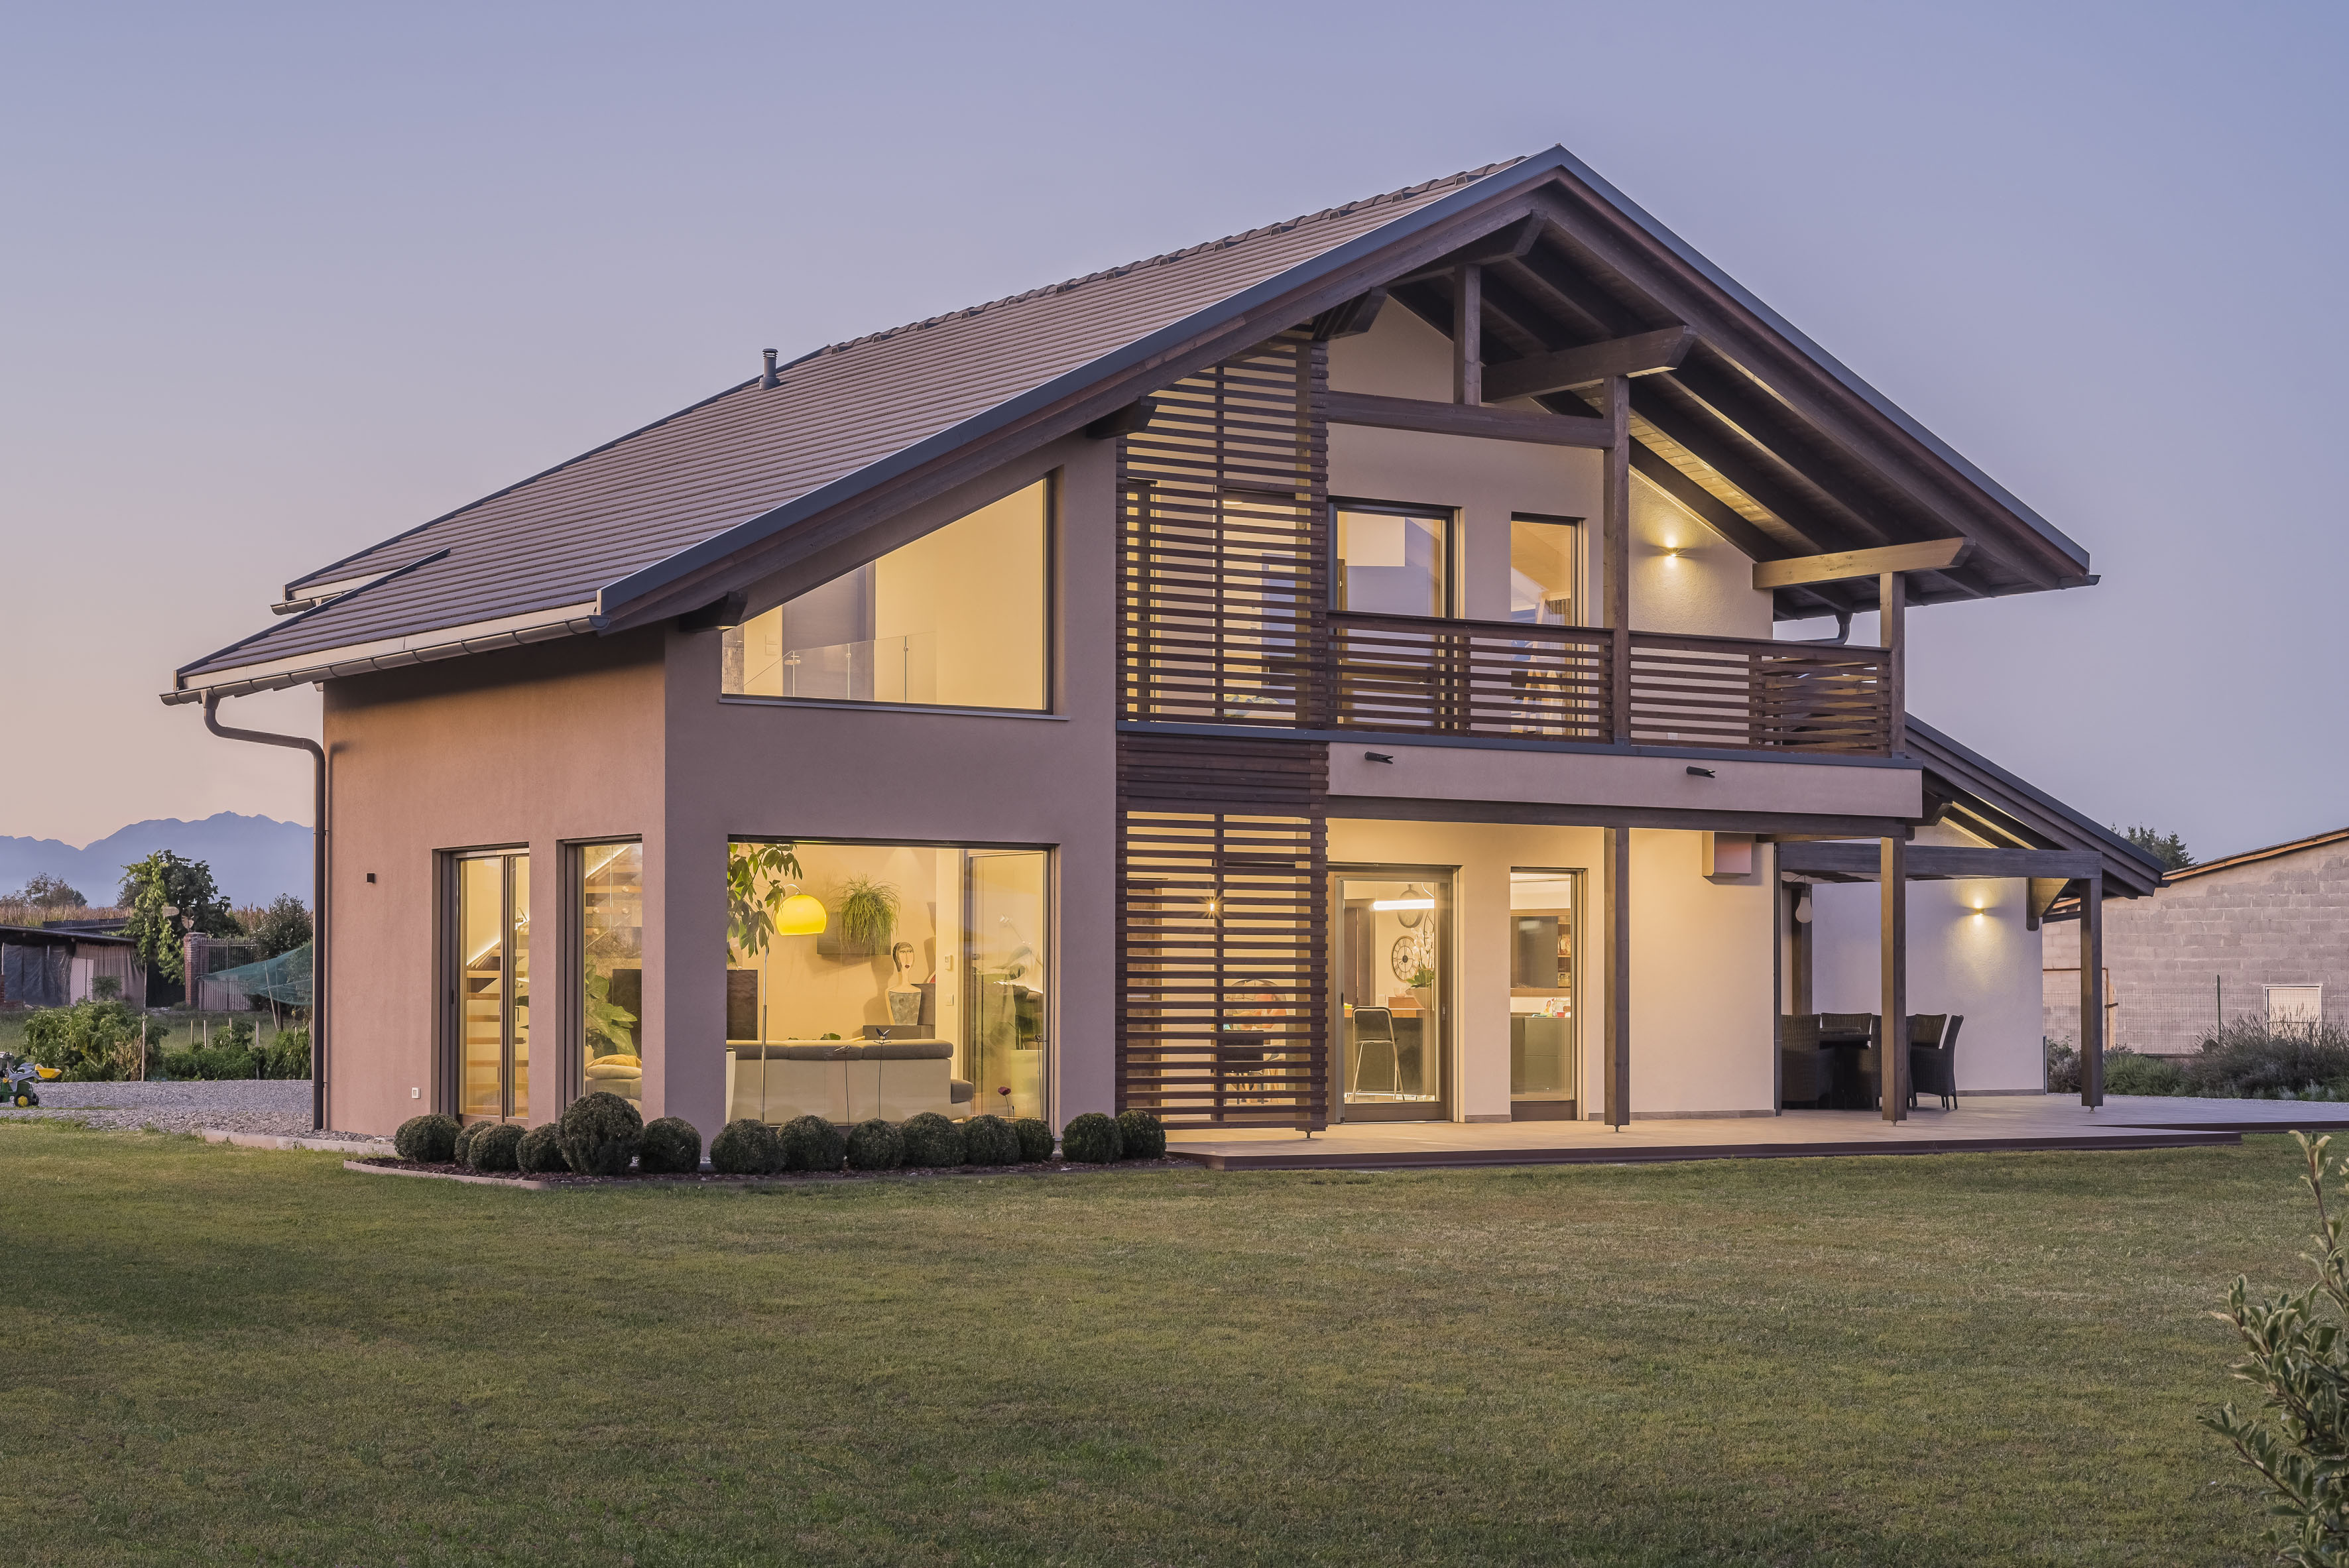 Linearità e luminosità per la nuova abitazione sostenibile  firmata Rubner Haus